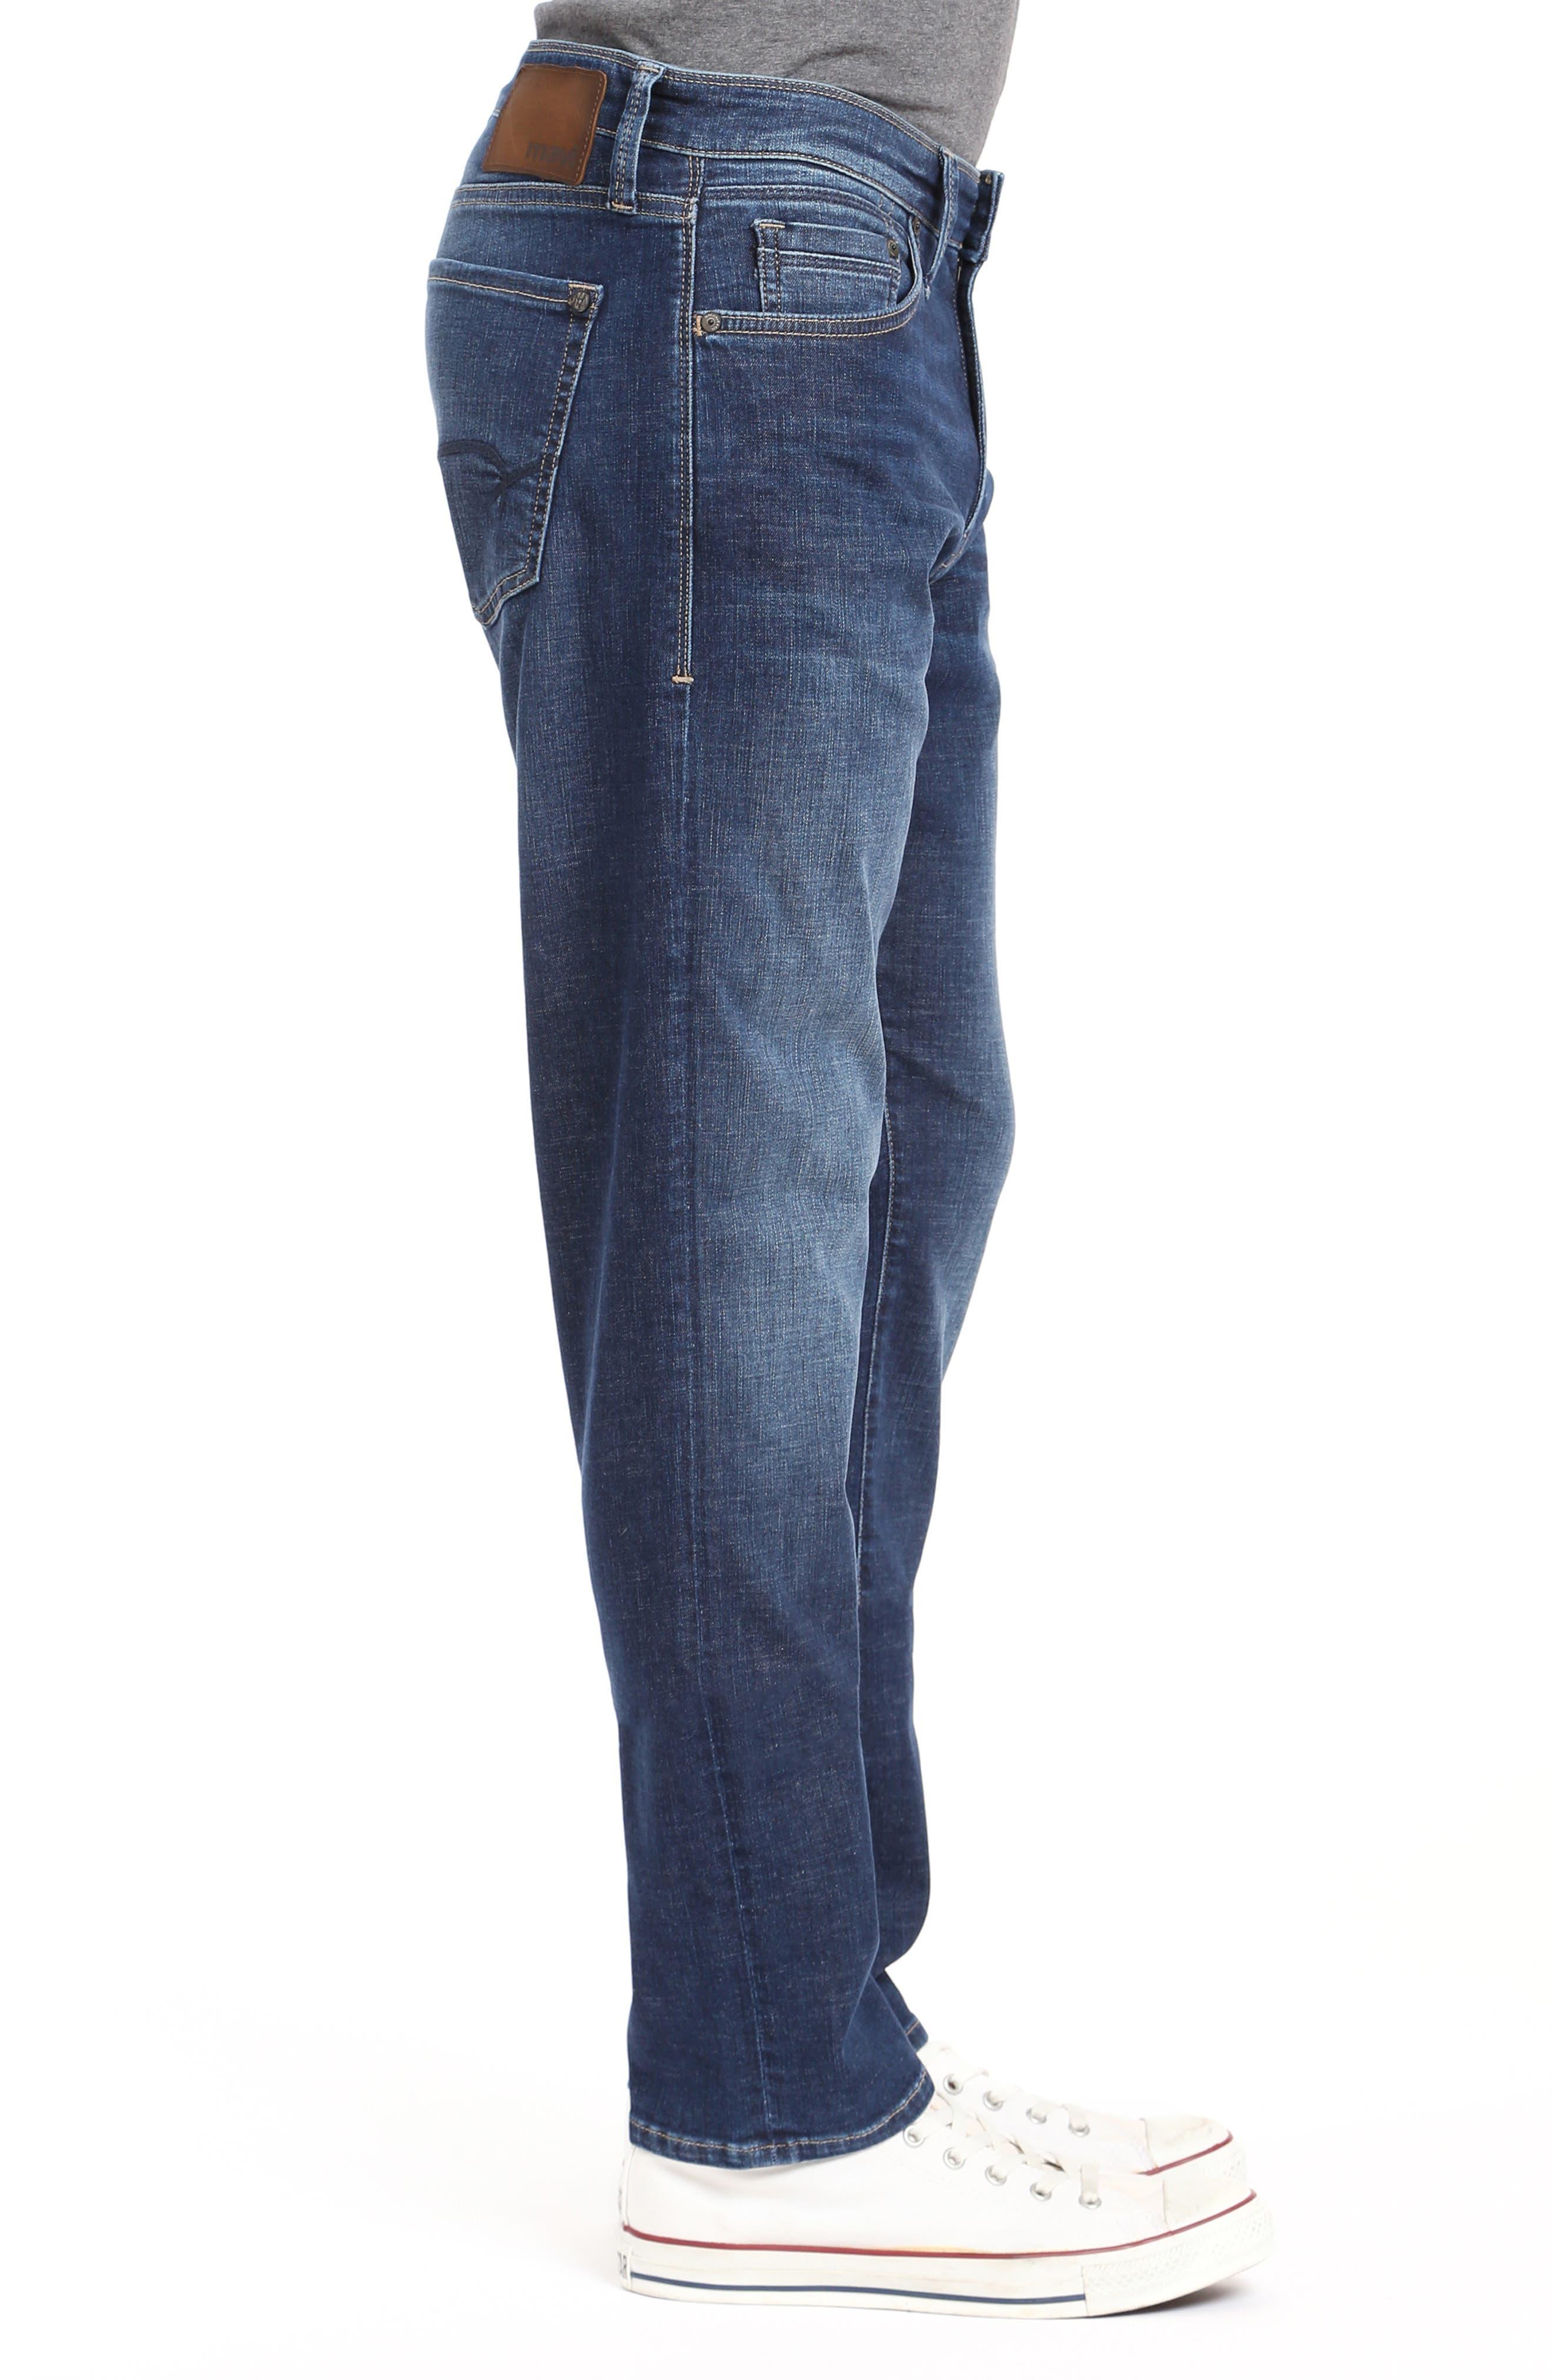 Jake Slim Fit Jeans,                             Alternate thumbnail 3, color,                             DARK BRUSHED CASHMERE